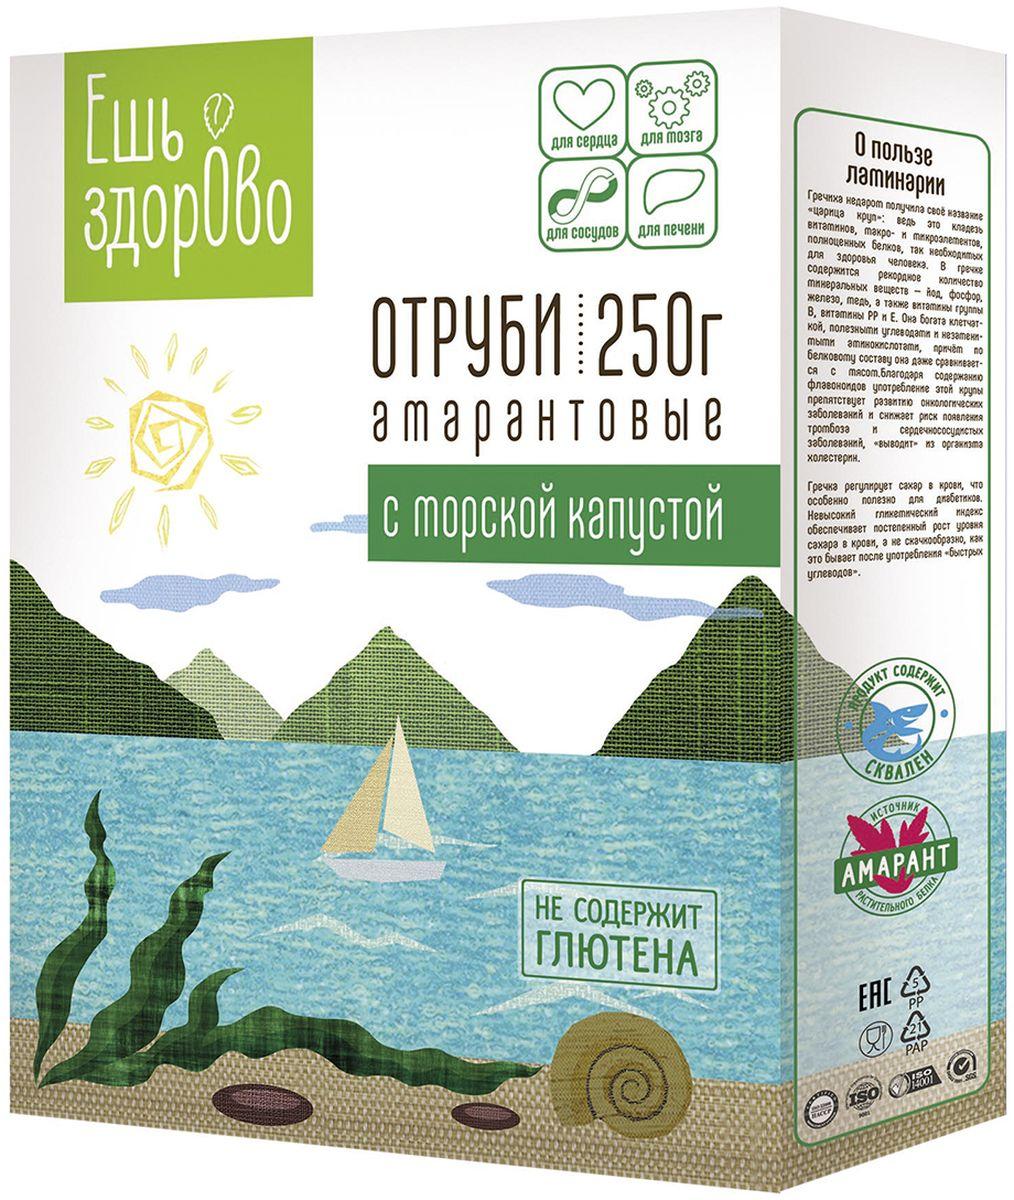 Ешь здорово отруби амарантовые с морской капустой, 250 г4603725964105Продукт функционального питания. Богат калием, кальцием, магнием, фосфором, железом.